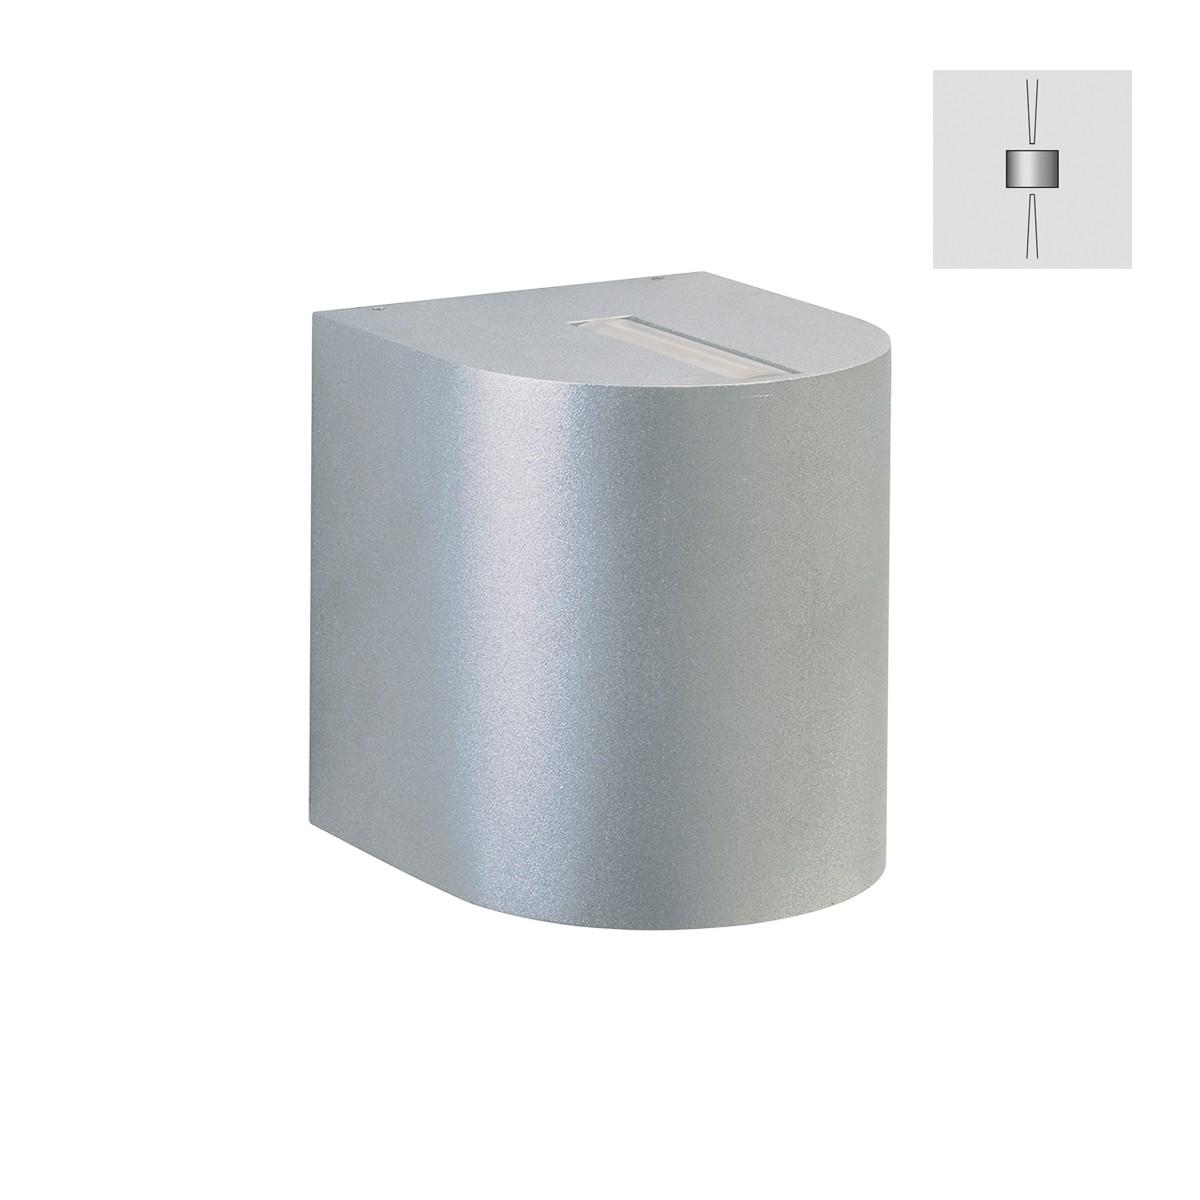 Albert 2400 Wandstrahler, eng/eng, Silber